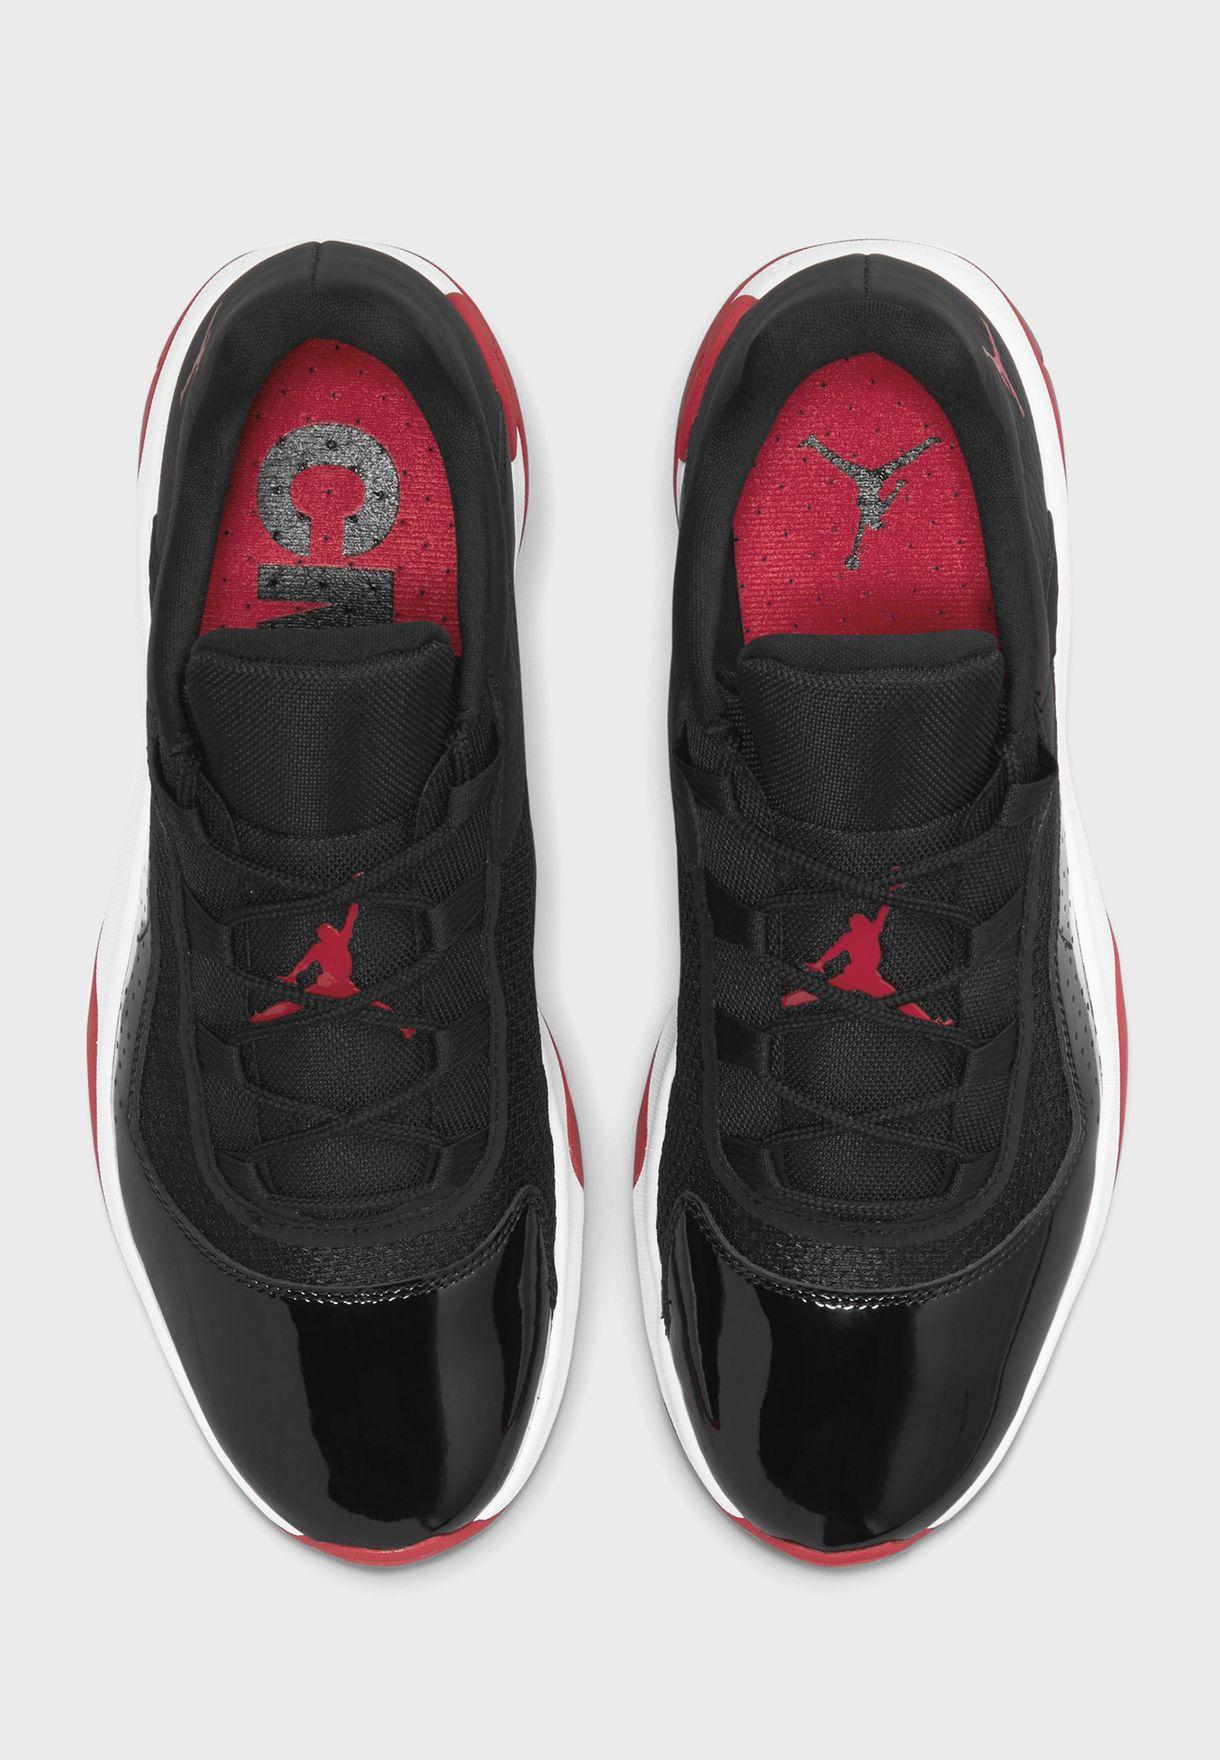 Air Jordan 11 CMFT Low V2